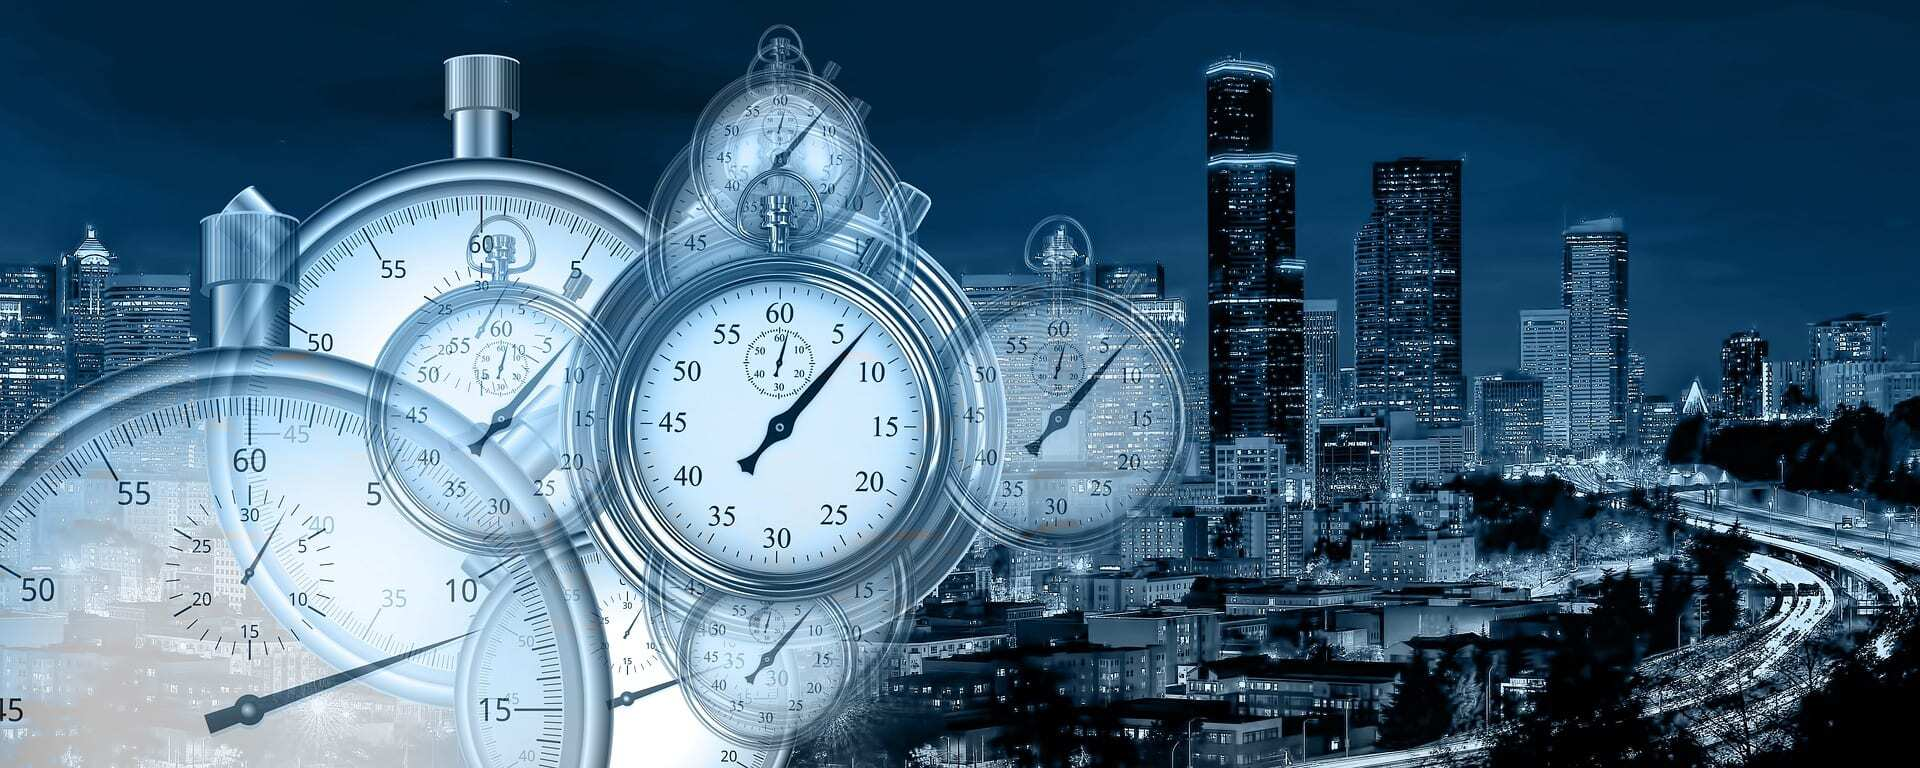 i_migliori_libri_per_la_gestione_del_tempo_e_la_produttività